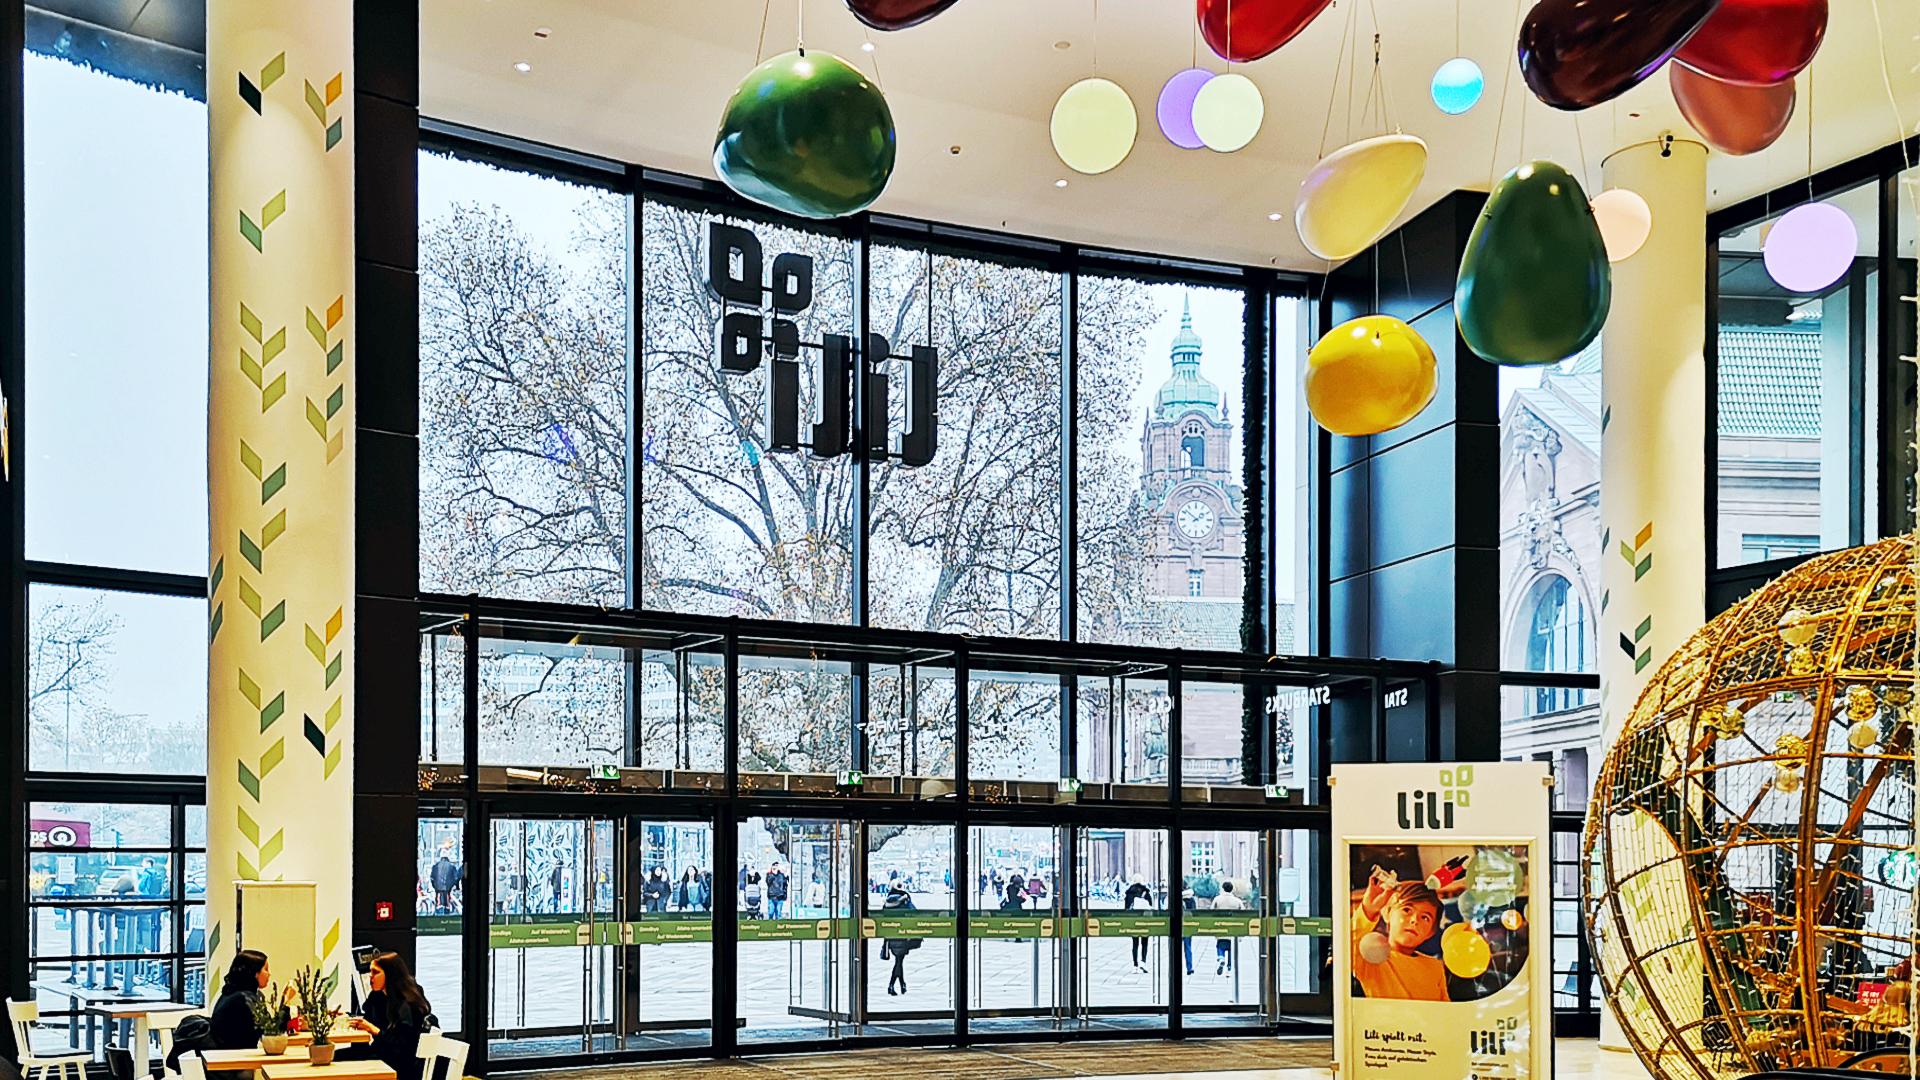 Der Blick vom frisch dekorierten Eingang nach draußen auf den Hauptbahnhof 11/2019